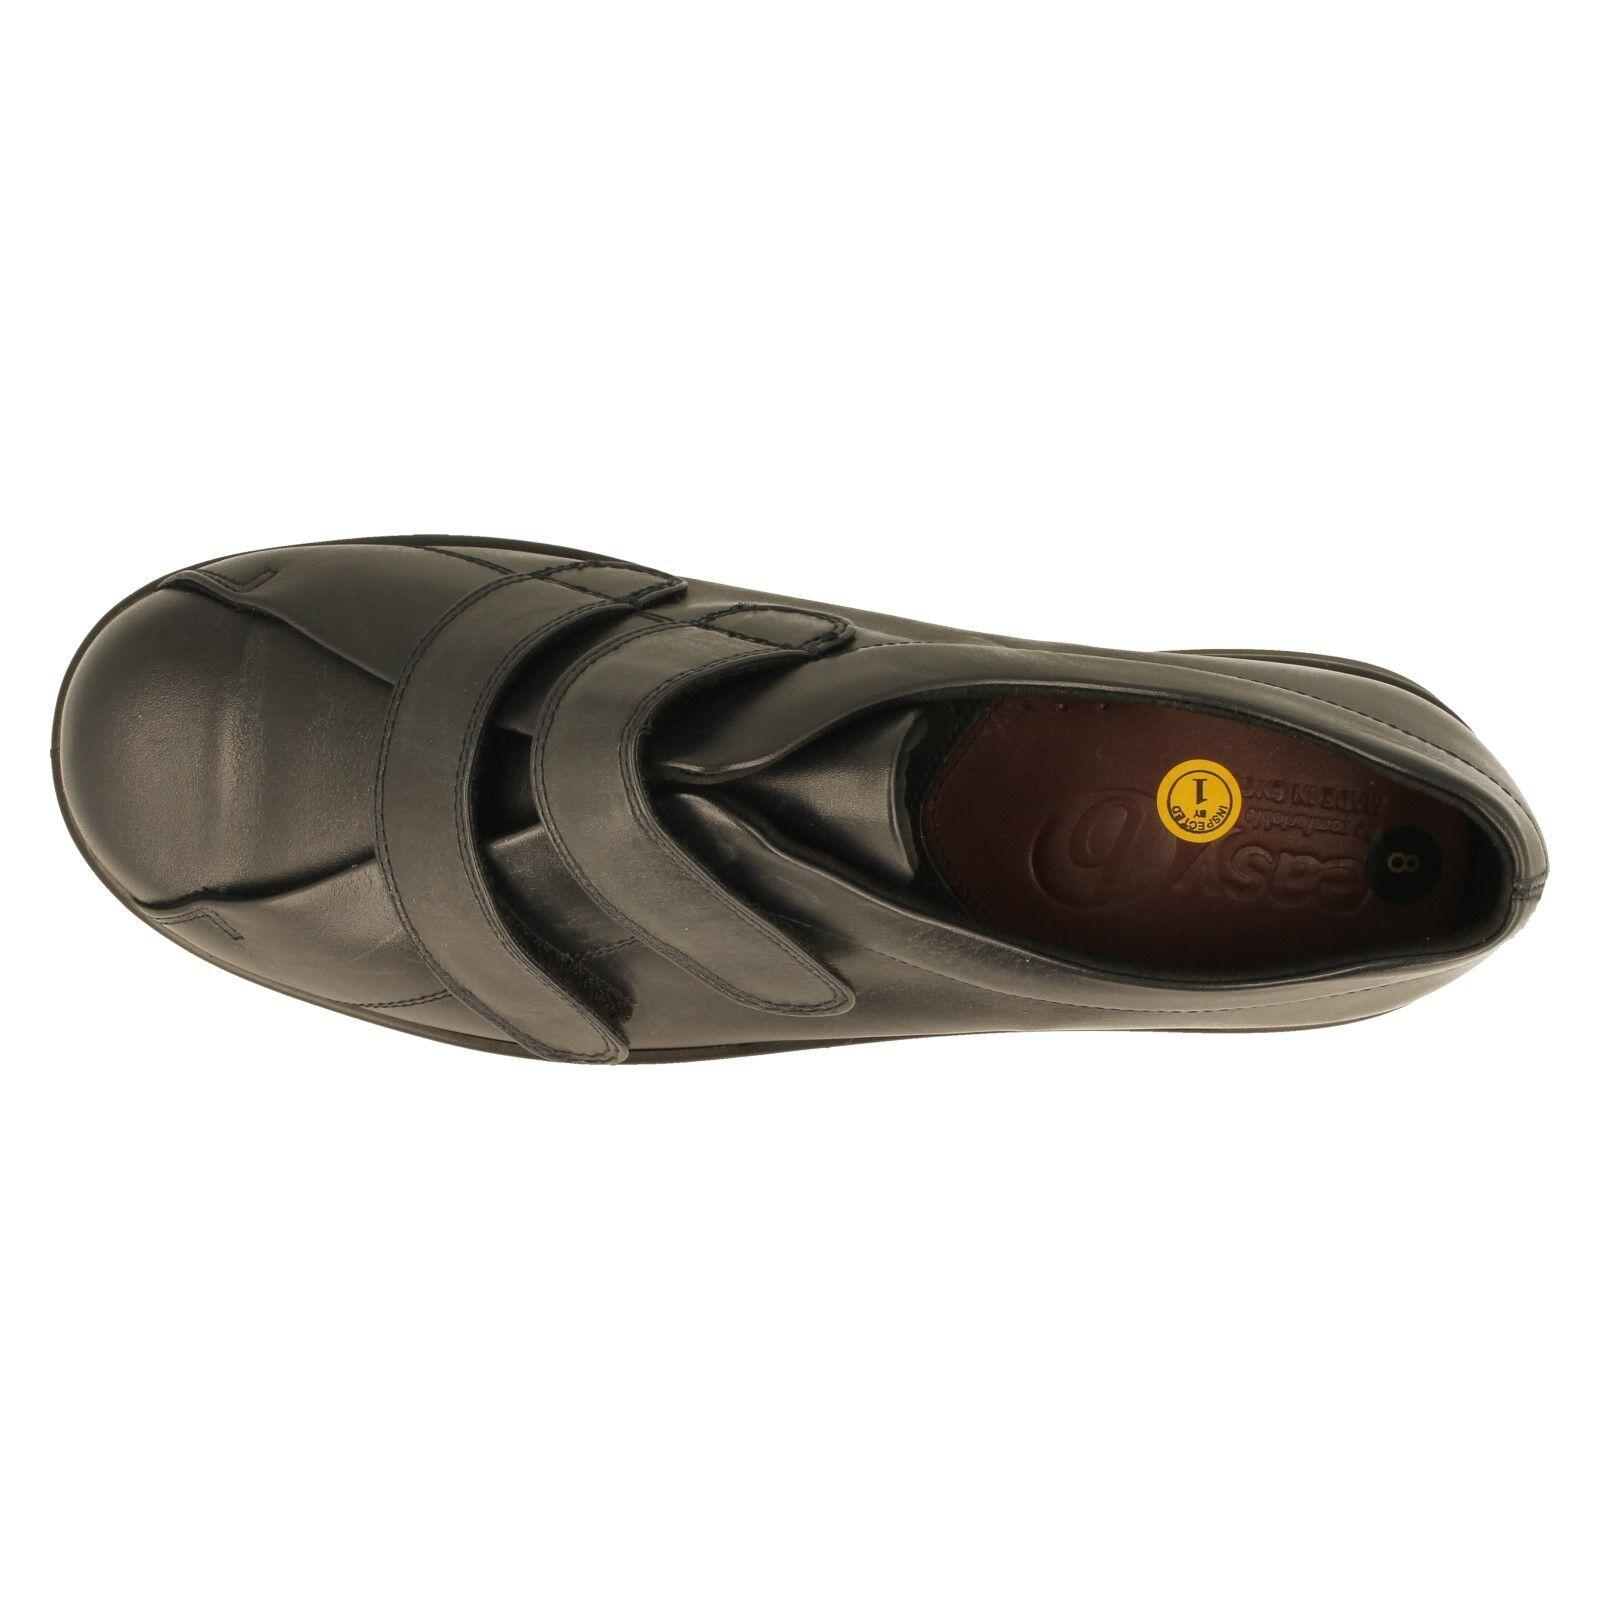 Seoras DB Cuero Suave Cuero DB Zapatos-Fife e90ee5